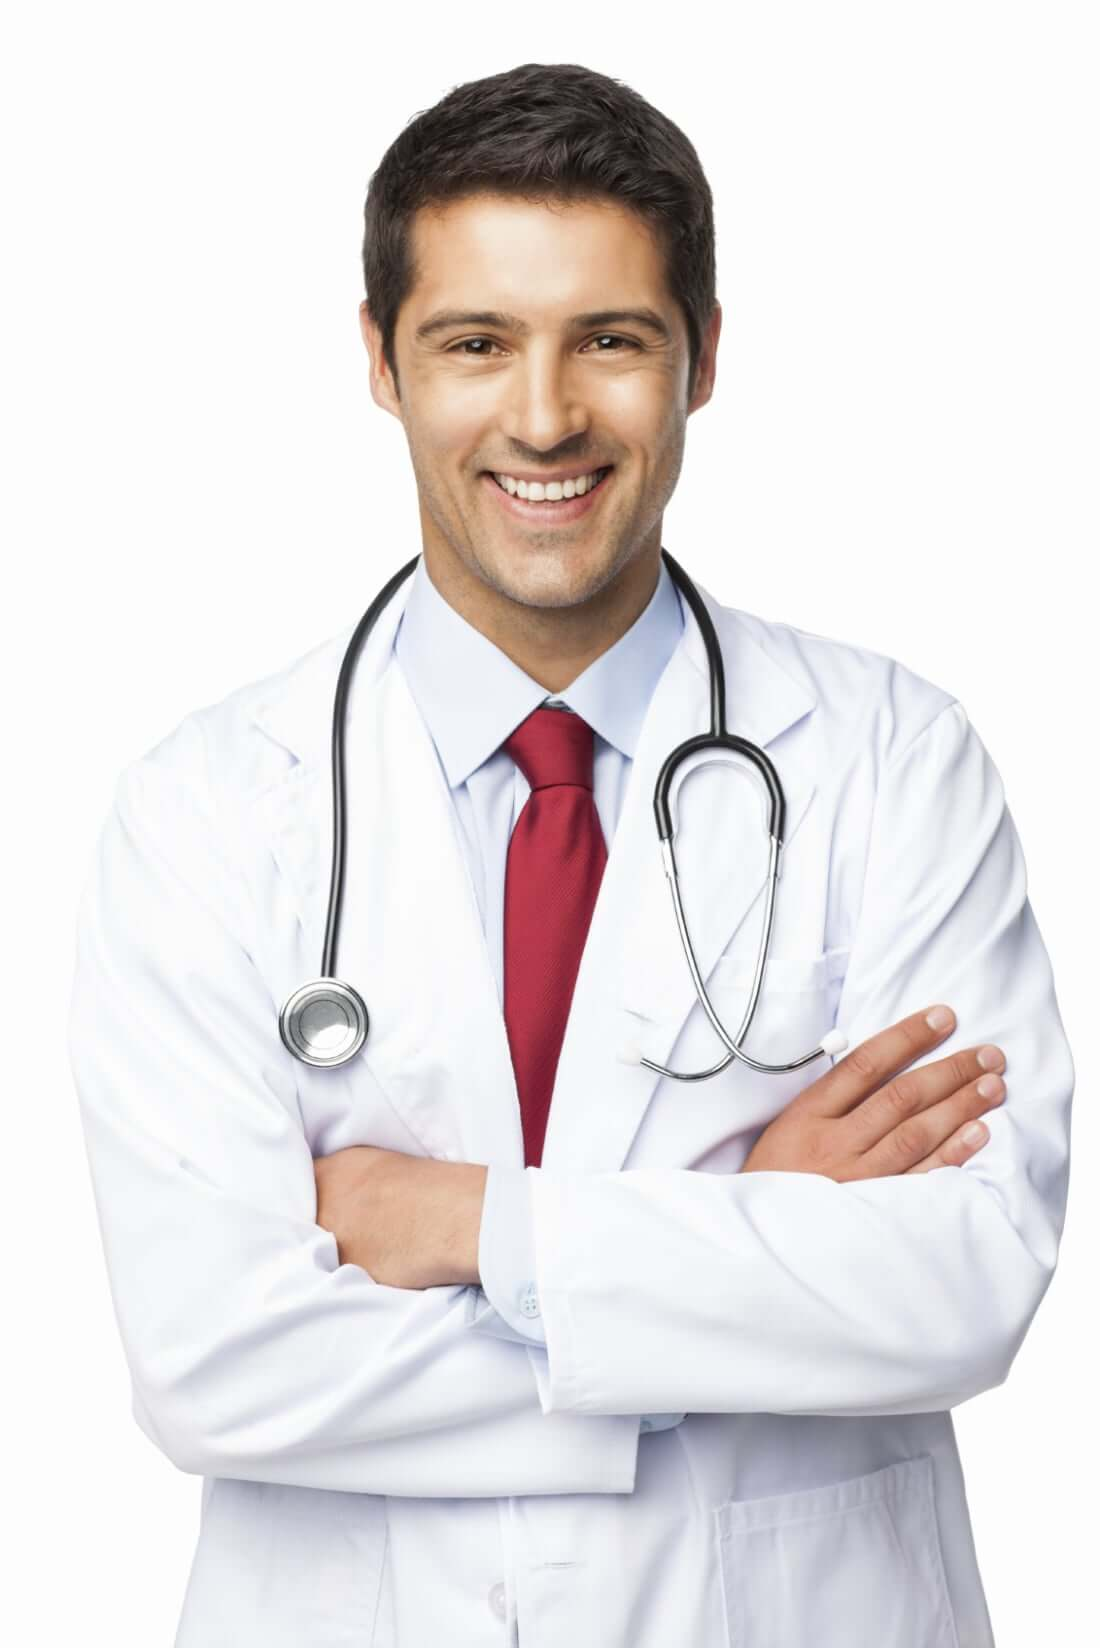 Доктор картинки красивые